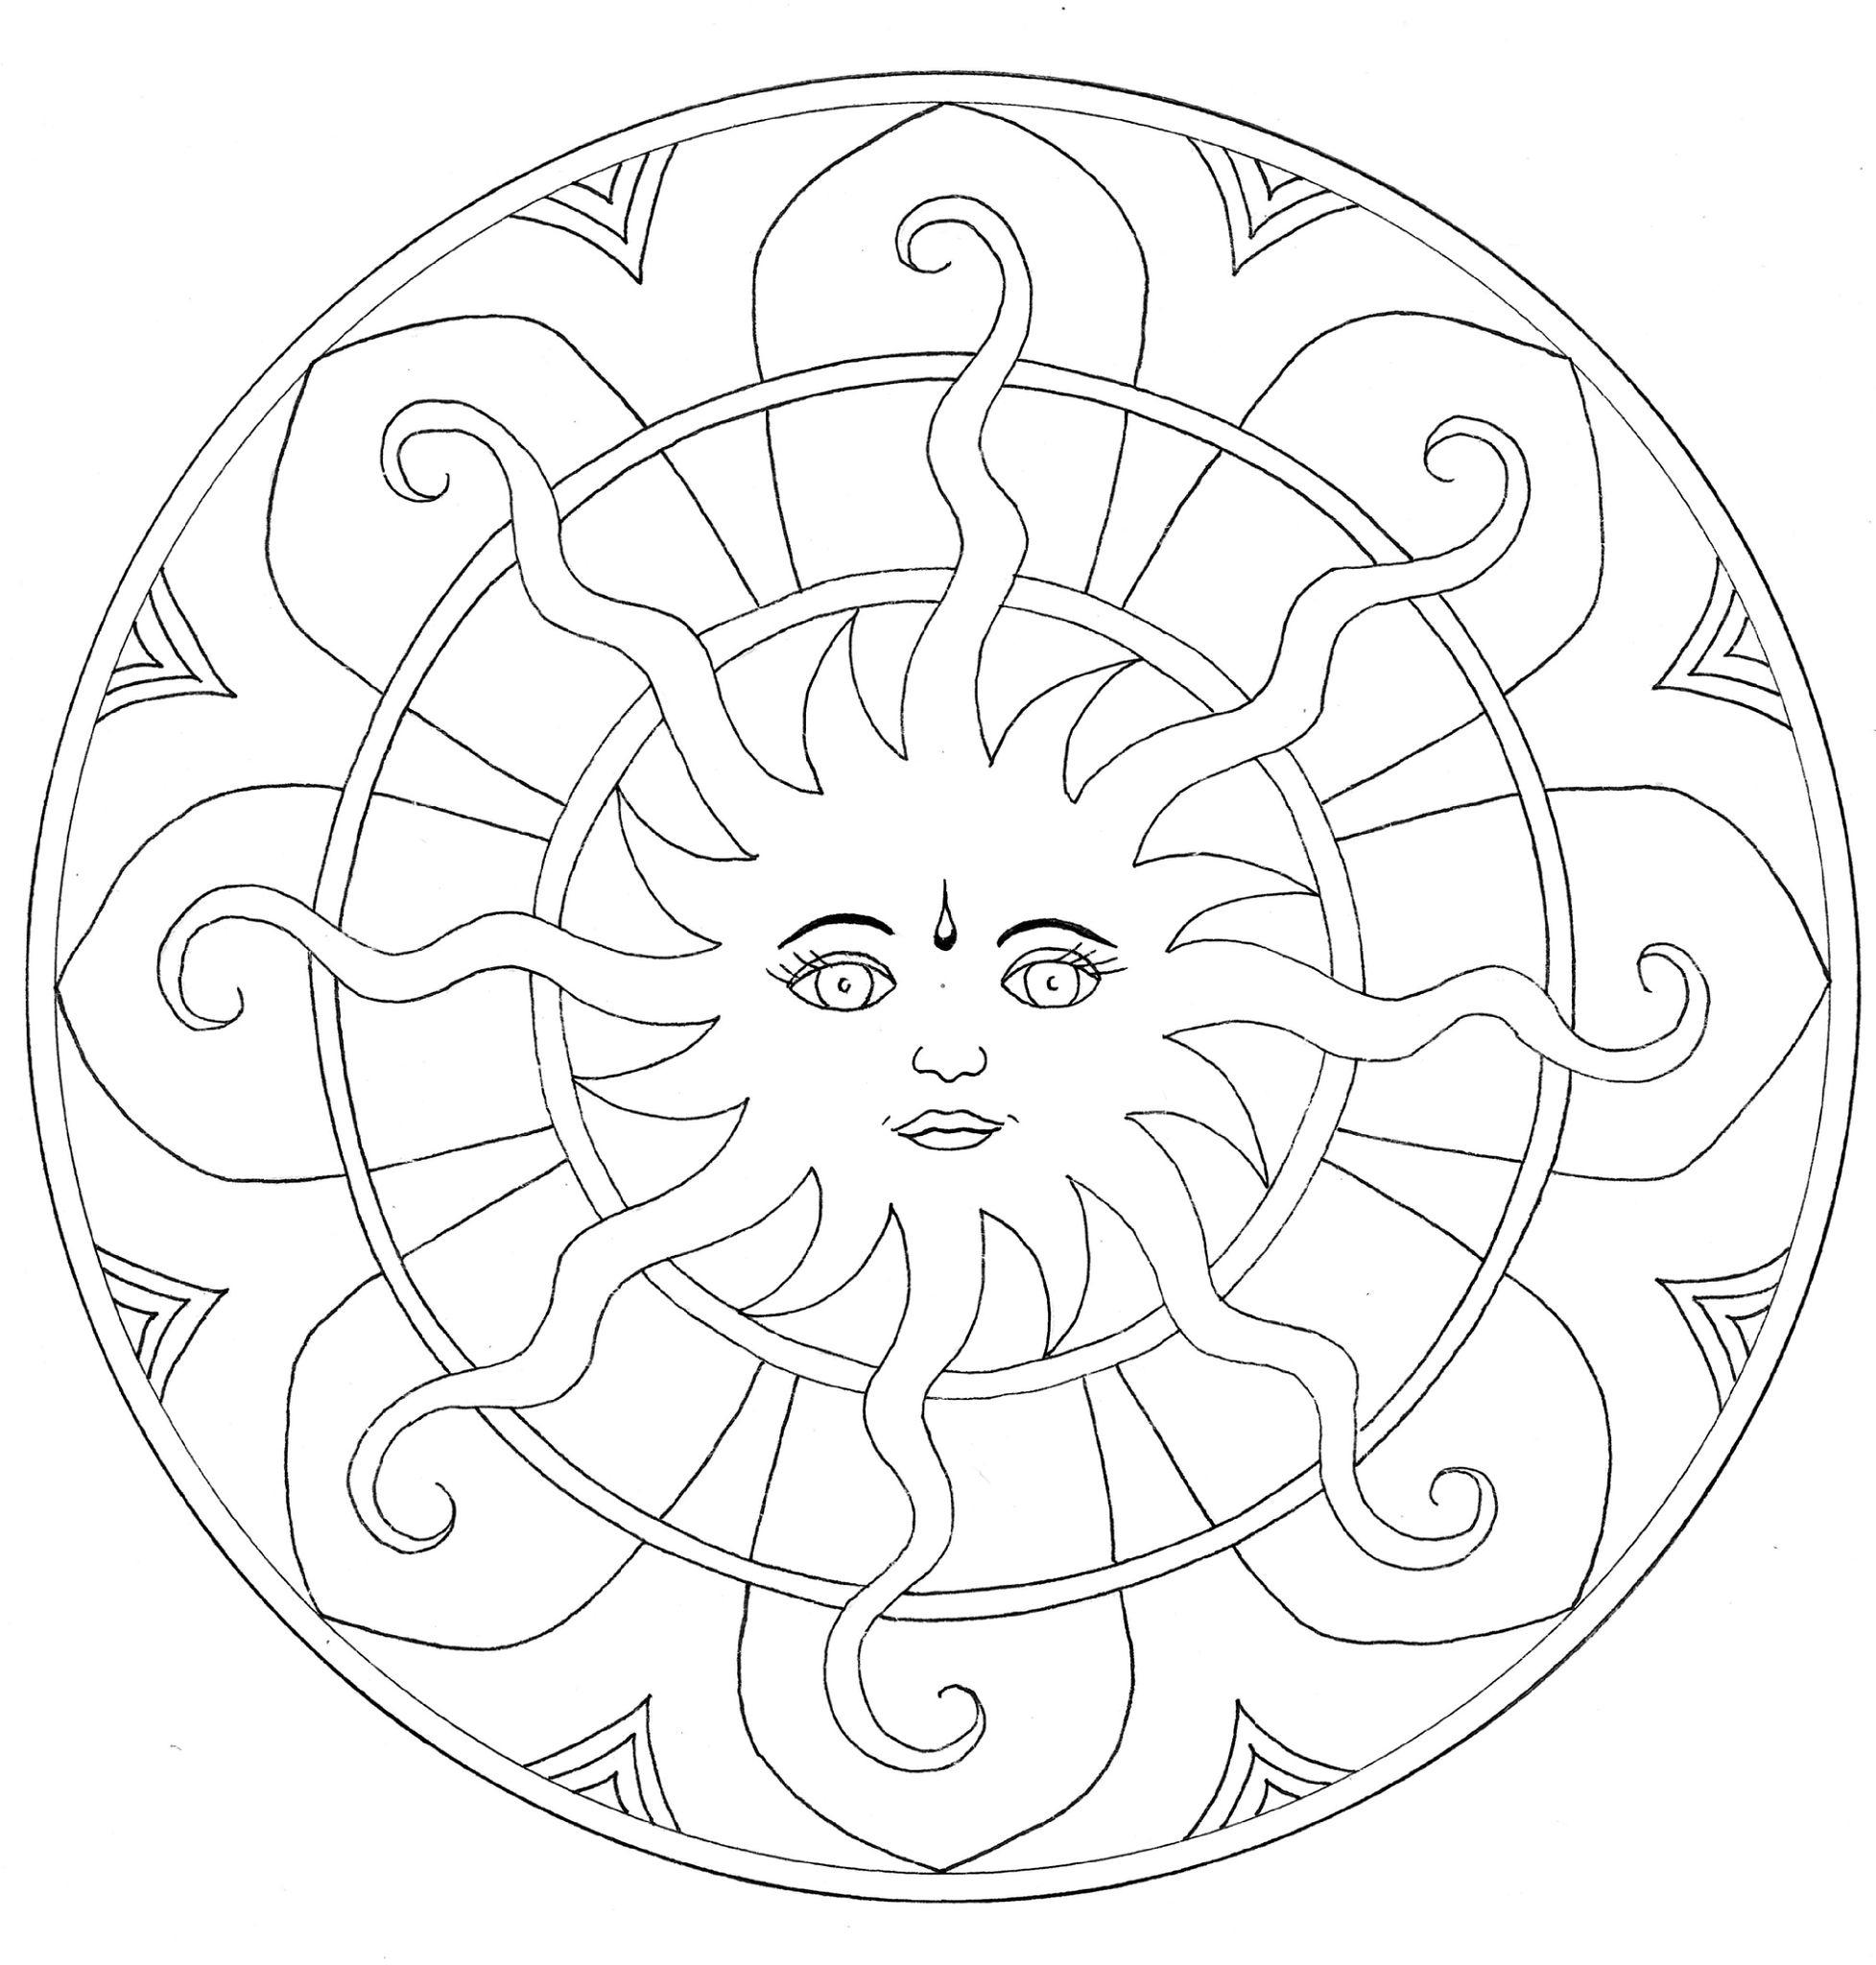 Dessins Gratuits À Colorier - Coloriage Mandala Animaux À tout Hugo L Escargot Coloriage Mandala